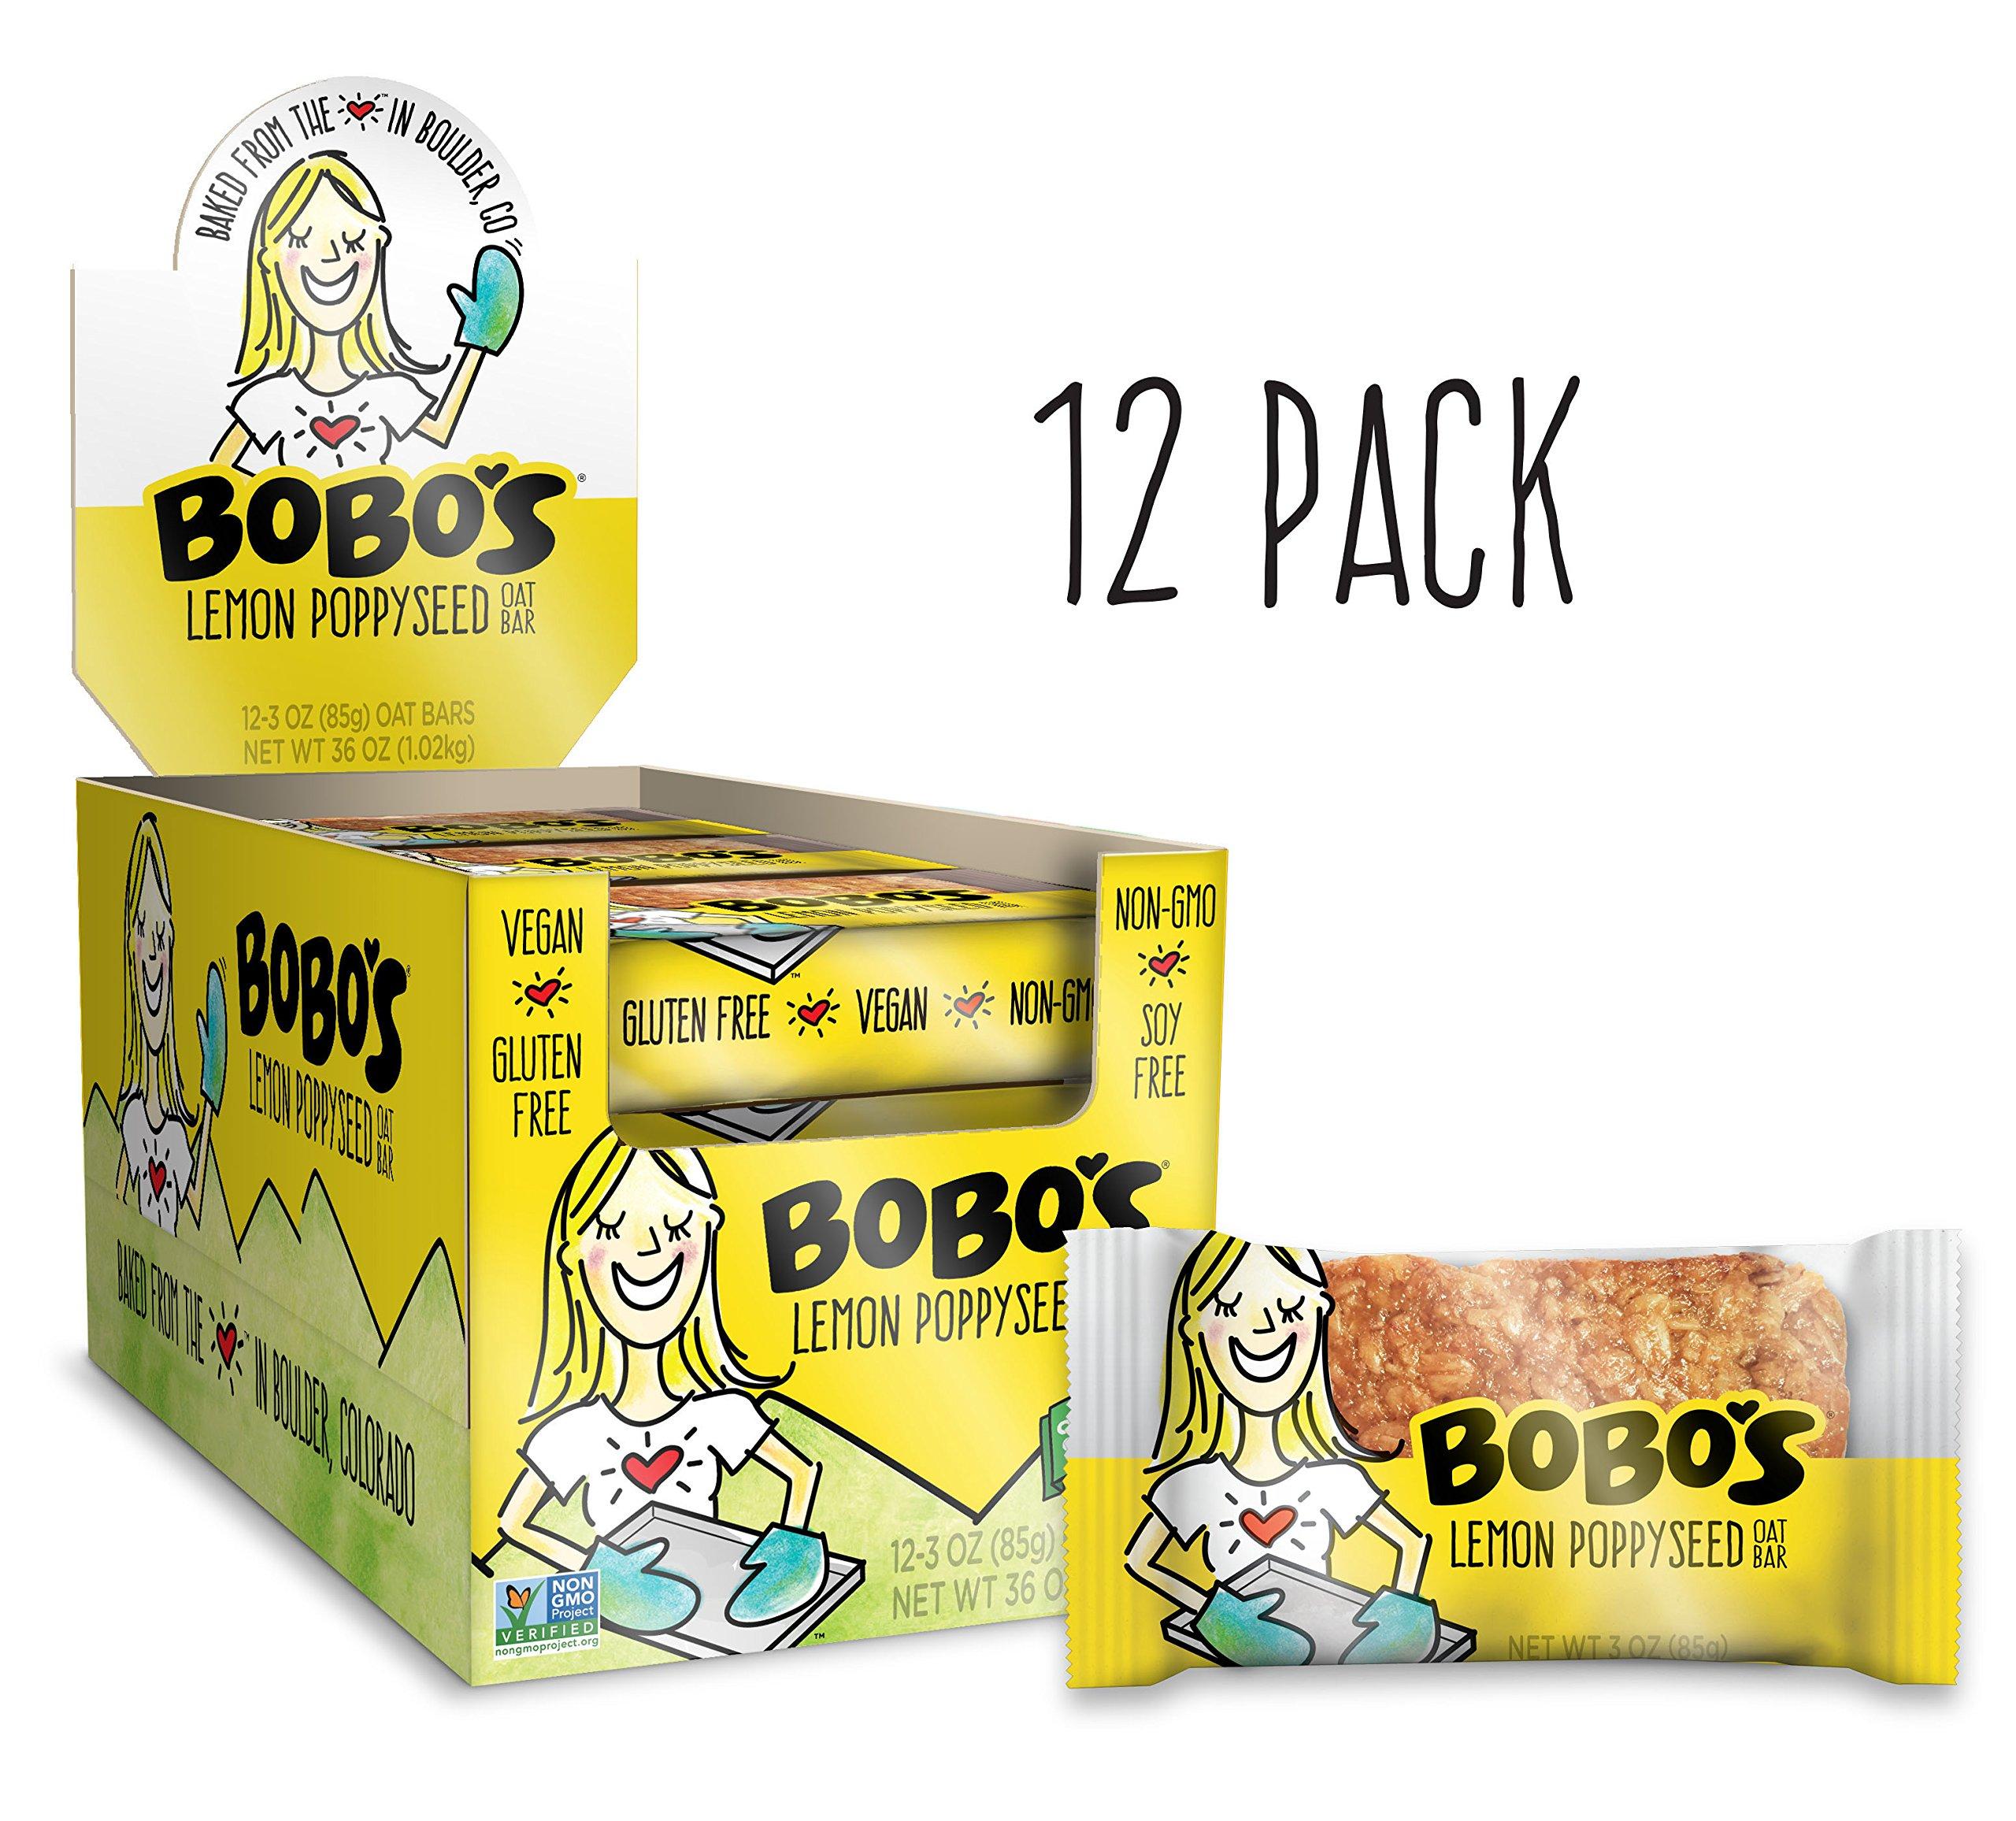 Bobo's Oat Bars All Natural, Gluten Free, Lemon Poppyseed, 3 oz, 12 Piece